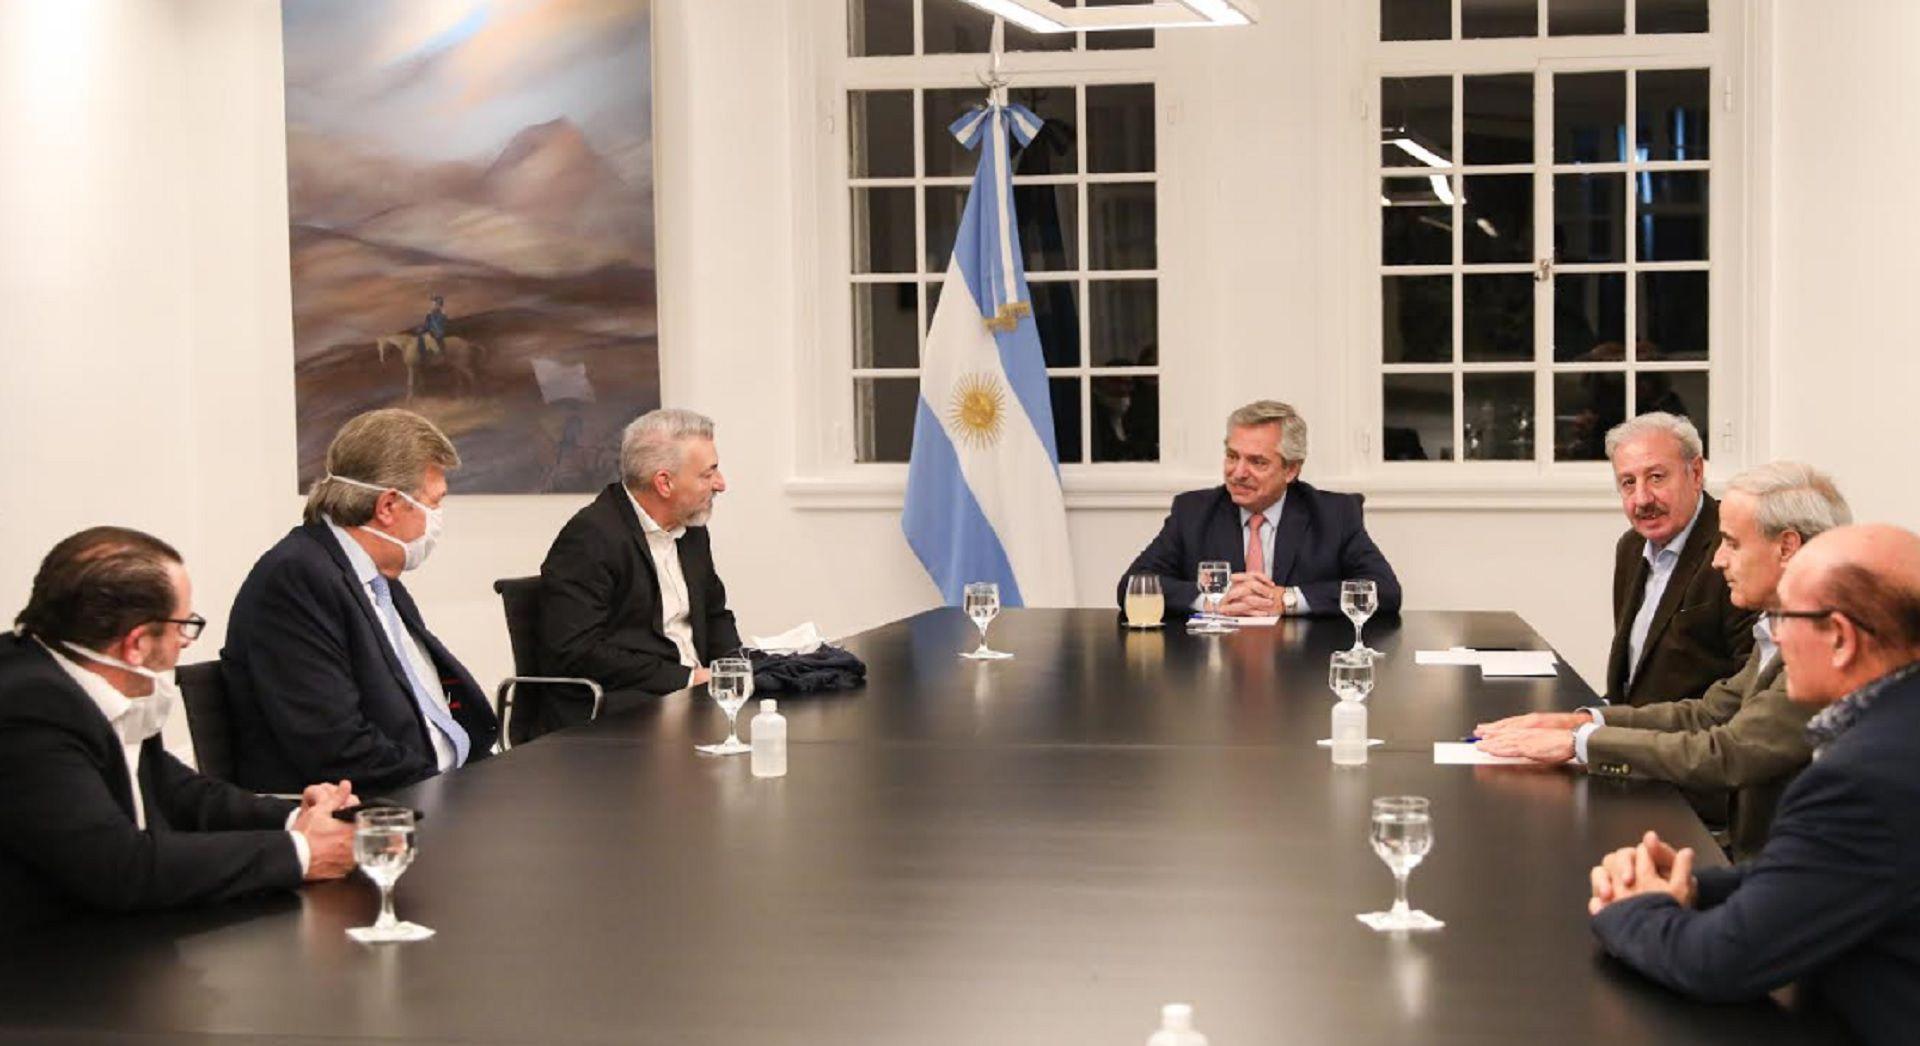 Alberto Fernández dialoga con los representantes de las iglesias evangélicas en la quinta de Olivos